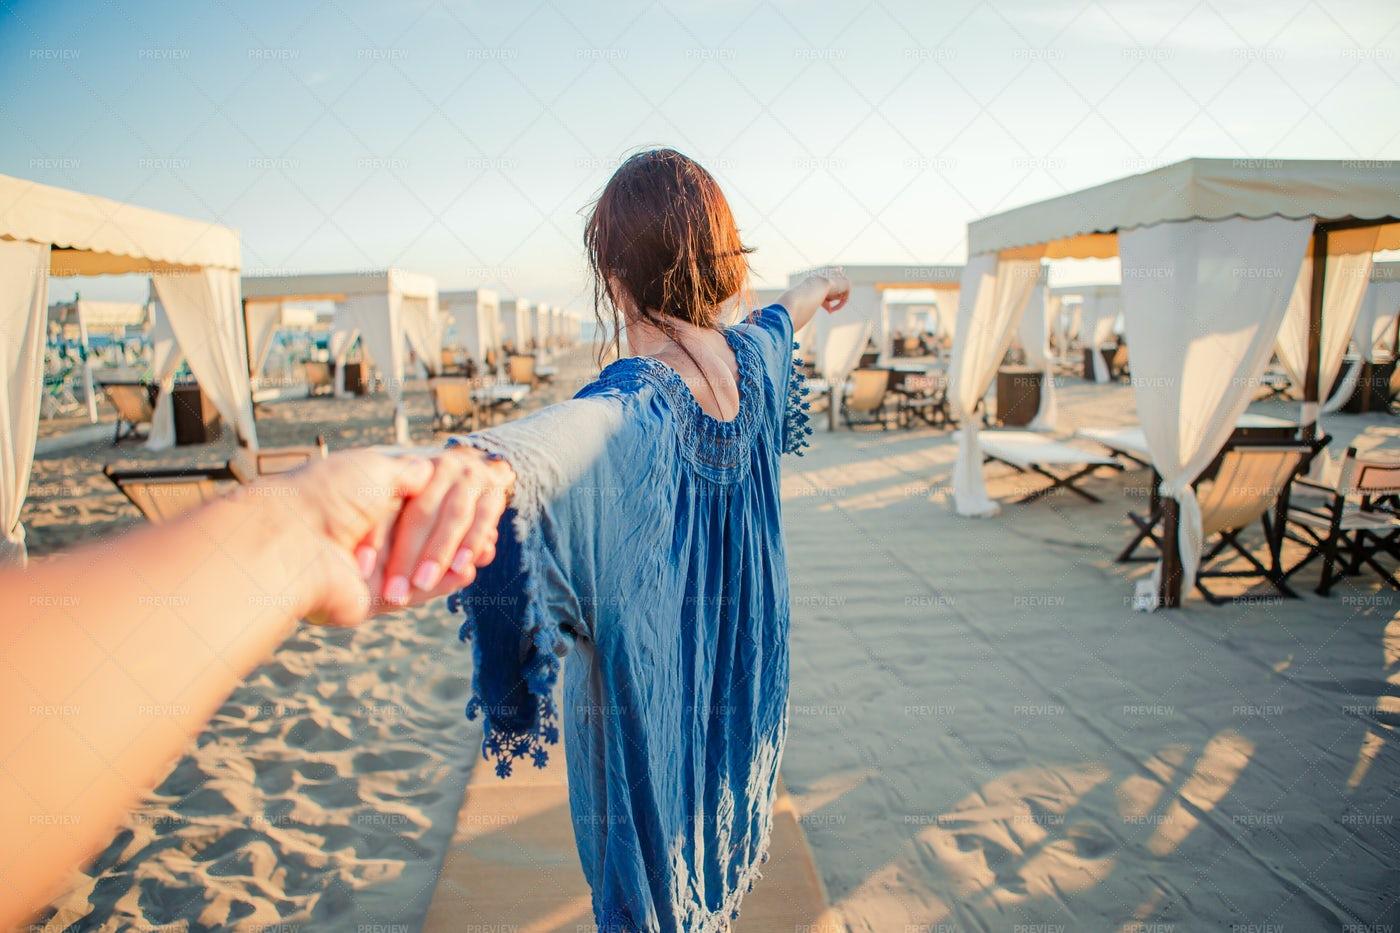 Follow Me Concept At A Beach Resort: Stock Photos